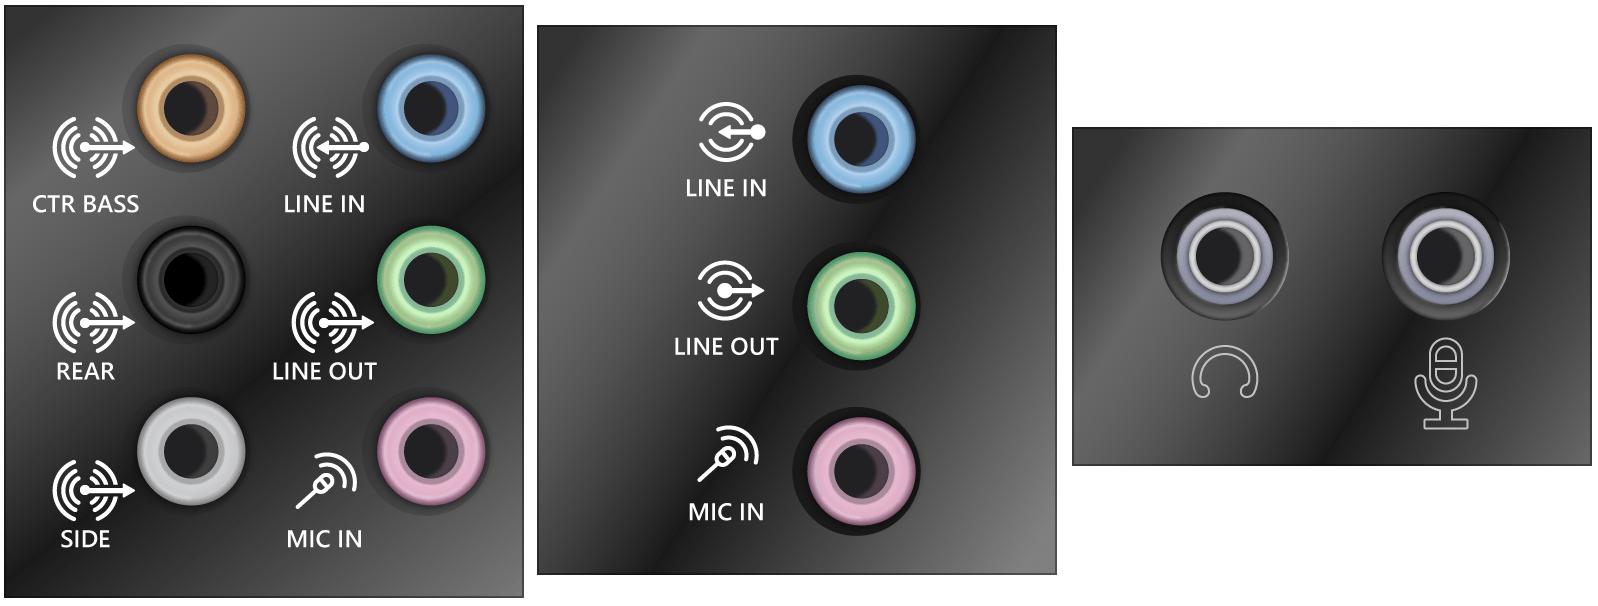 conexiones de sonido placa base